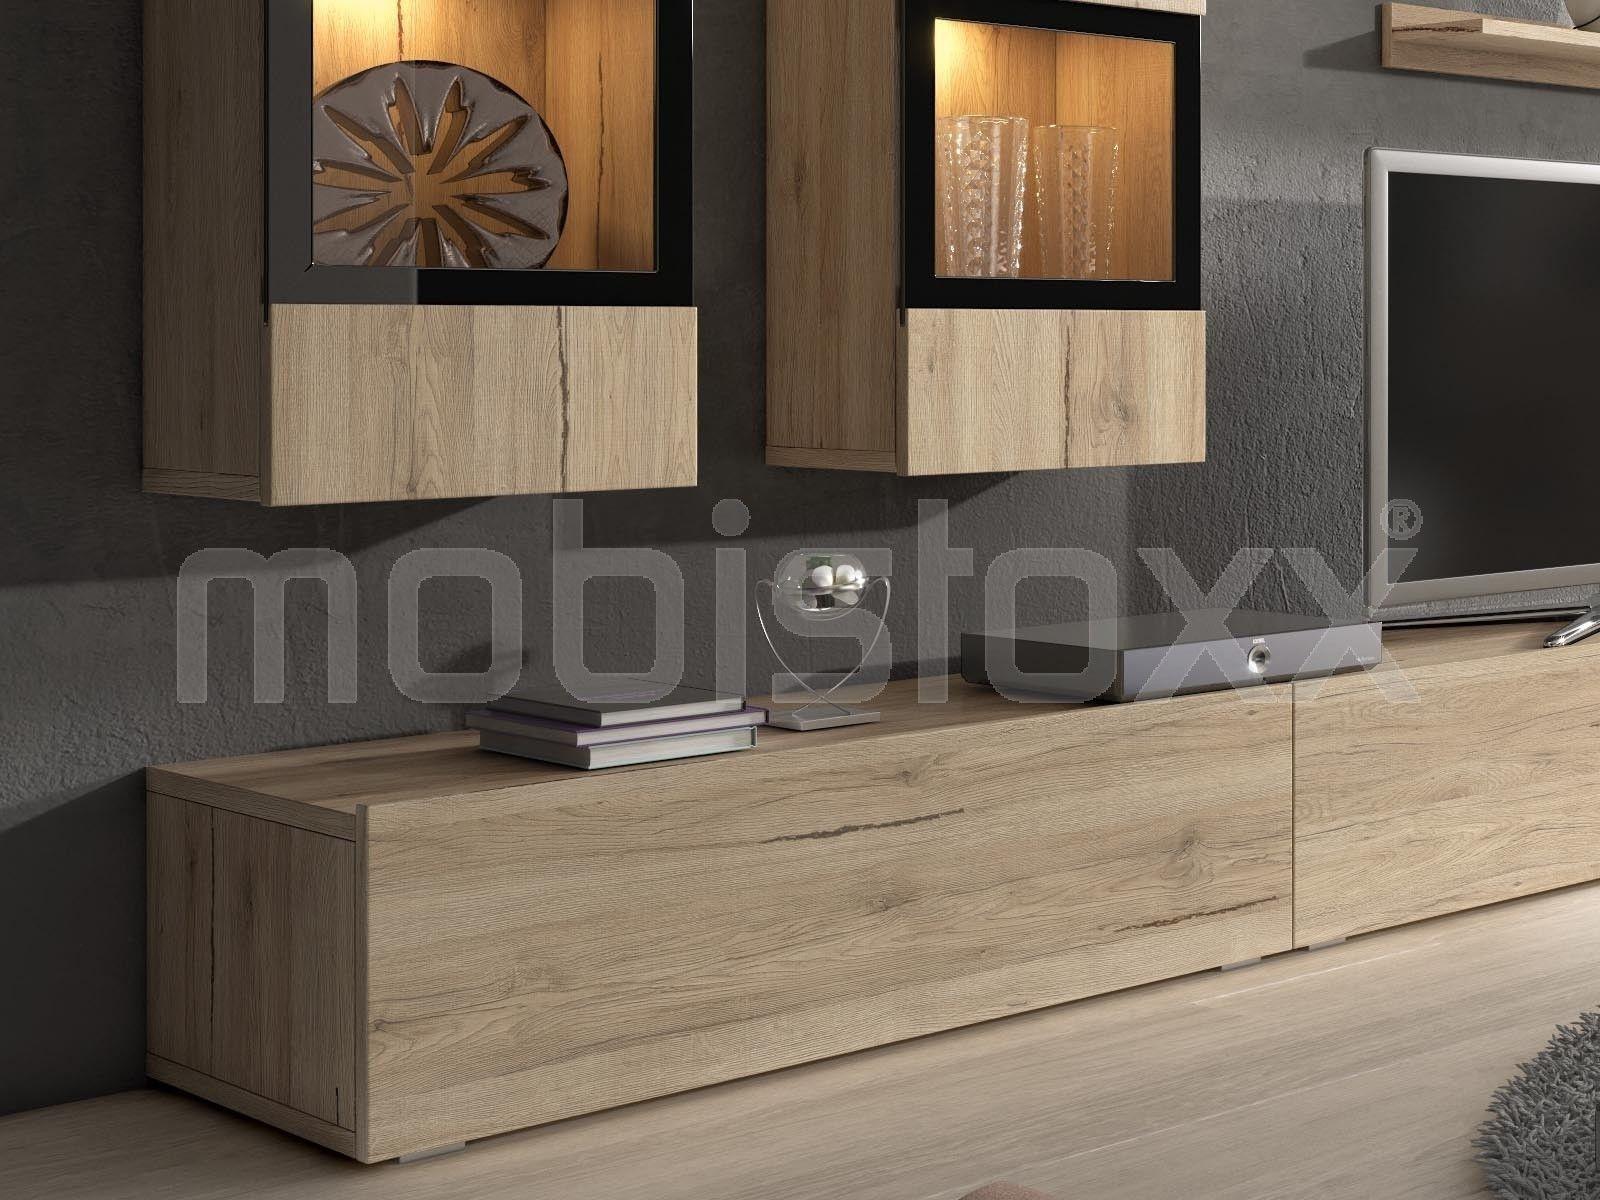 Mur Tv Hifi Babel 5 Portes Sanremo Sans Led Chez Mobistoxx Mobilier De Salon Mur Tv Interieur Contemporain